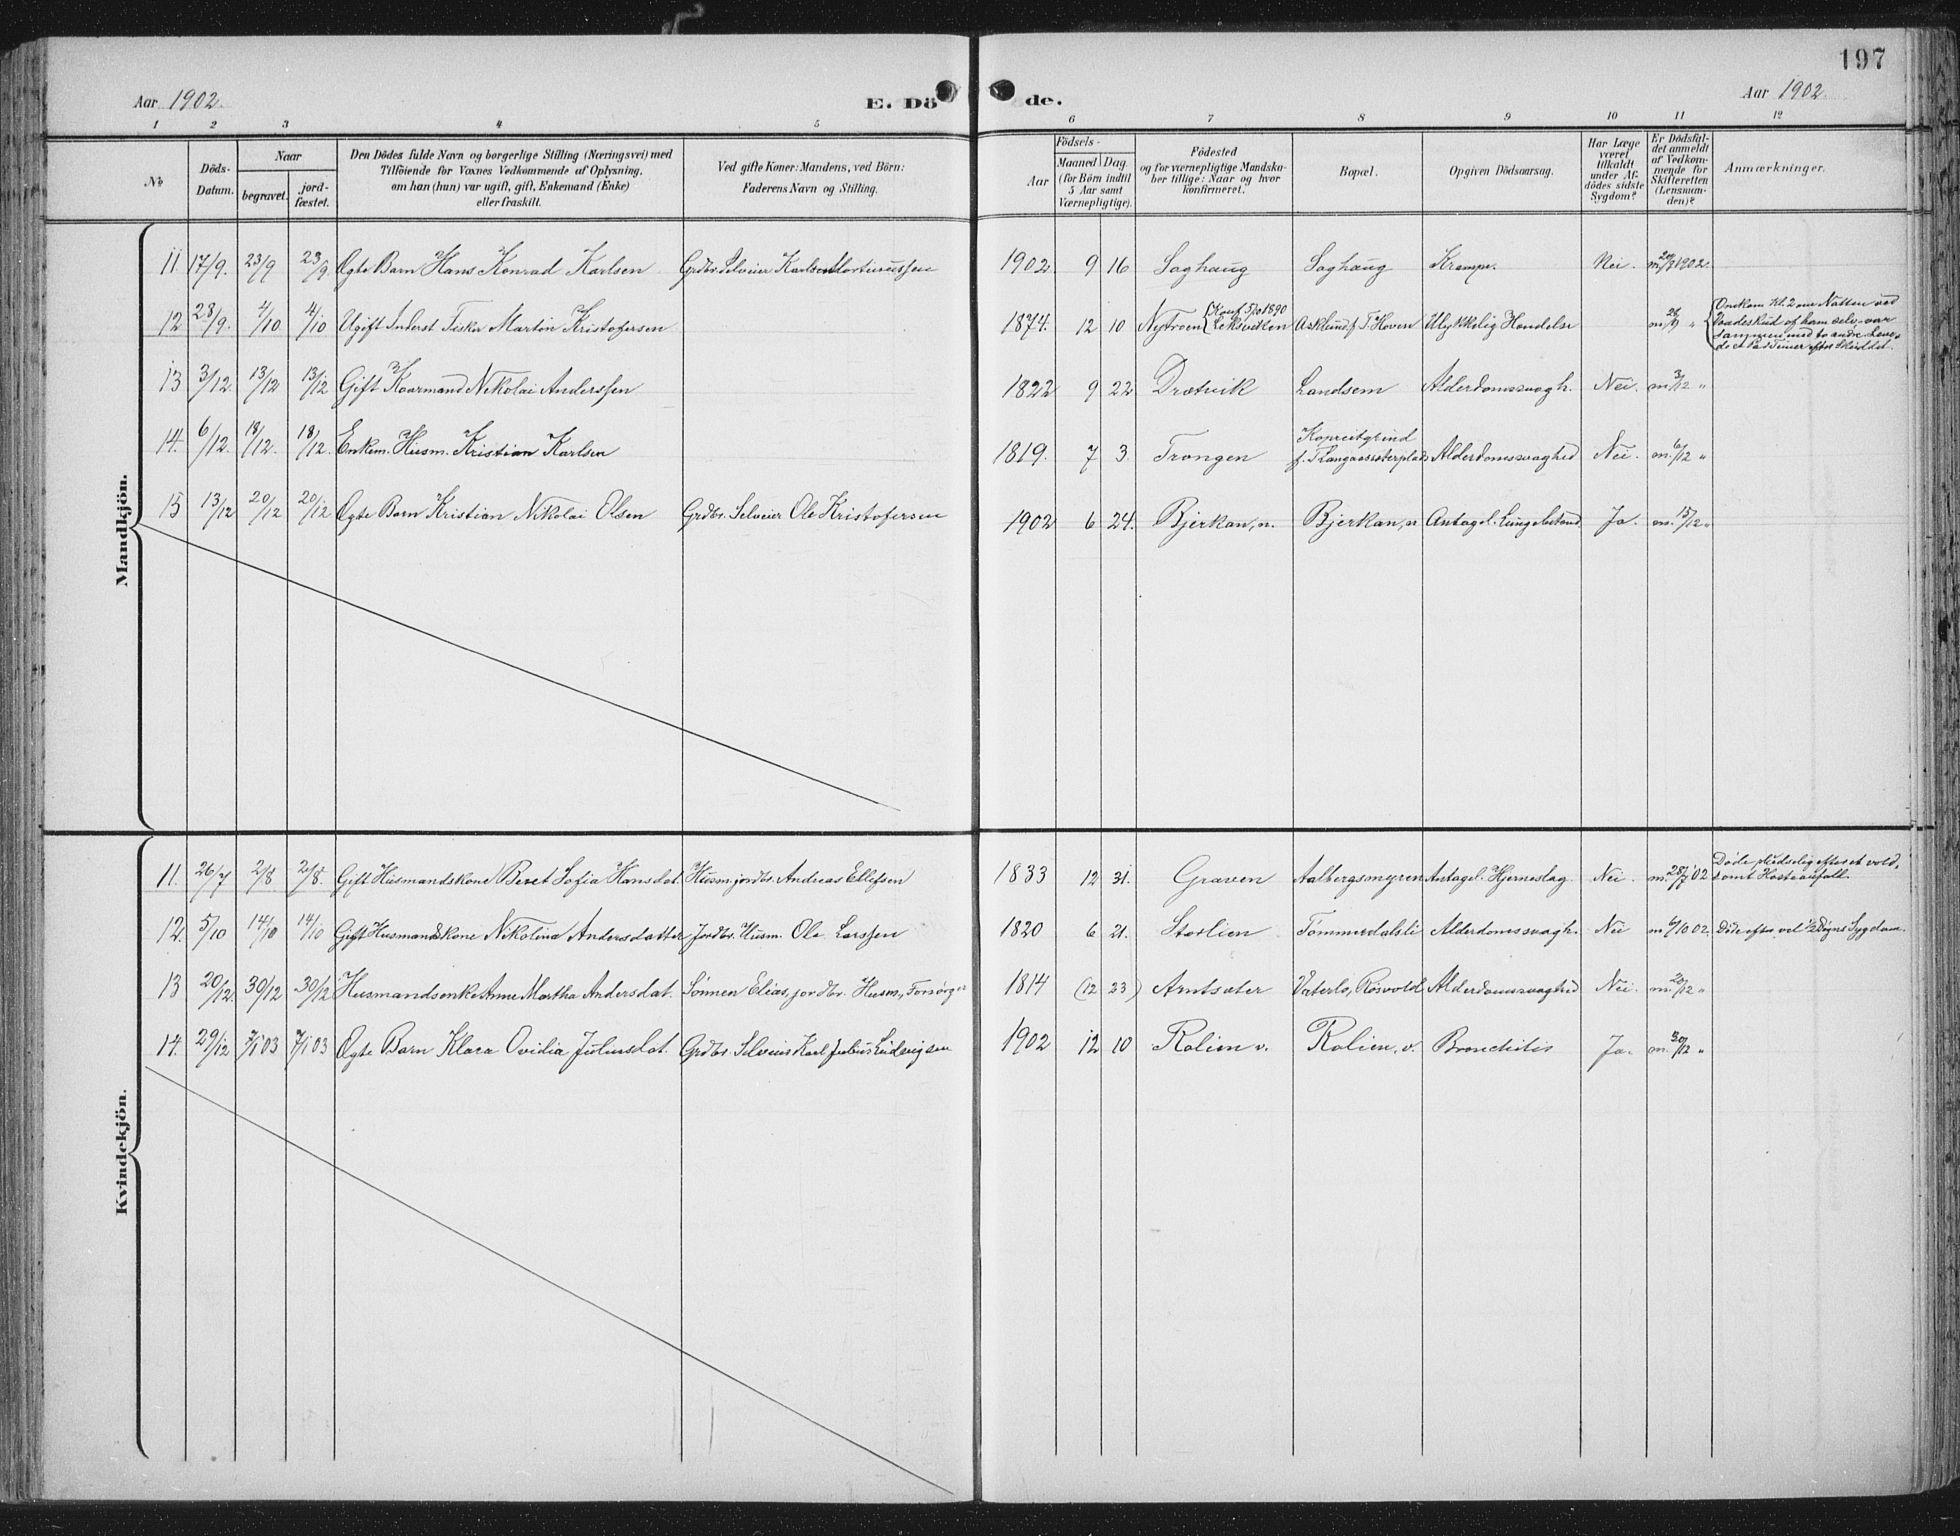 SAT, Ministerialprotokoller, klokkerbøker og fødselsregistre - Nord-Trøndelag, 701/L0011: Ministerialbok nr. 701A11, 1899-1915, s. 197